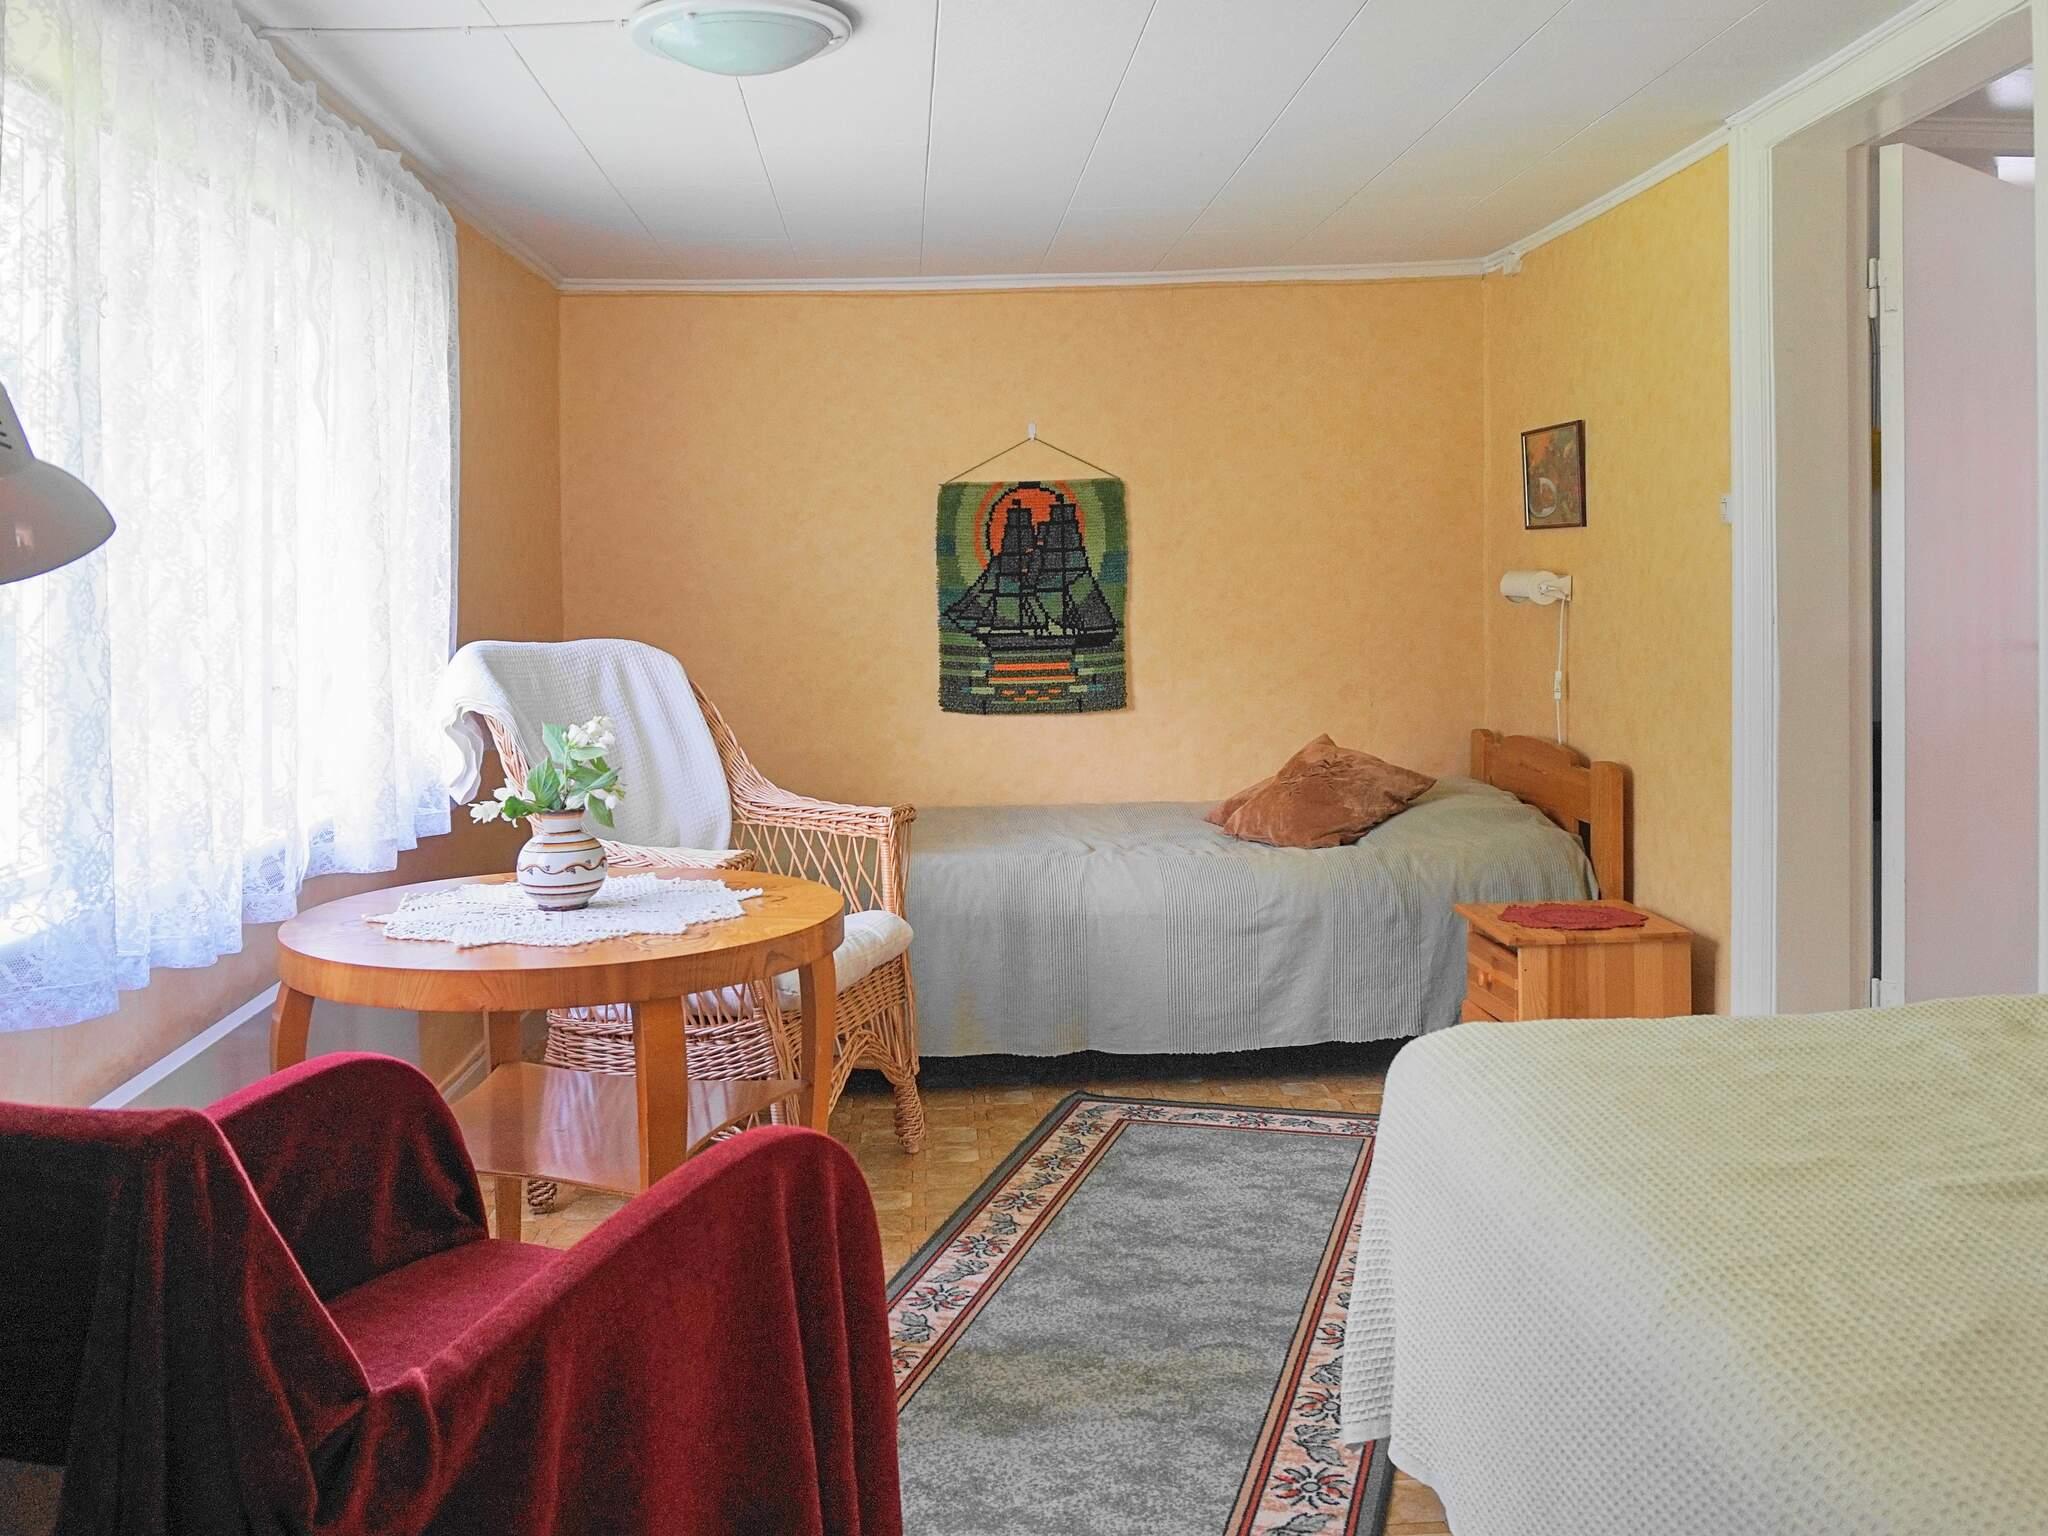 Ferienhaus Orust/Tegneby (2636850), Tegneby, Västra Götaland län, Westschweden, Schweden, Bild 15